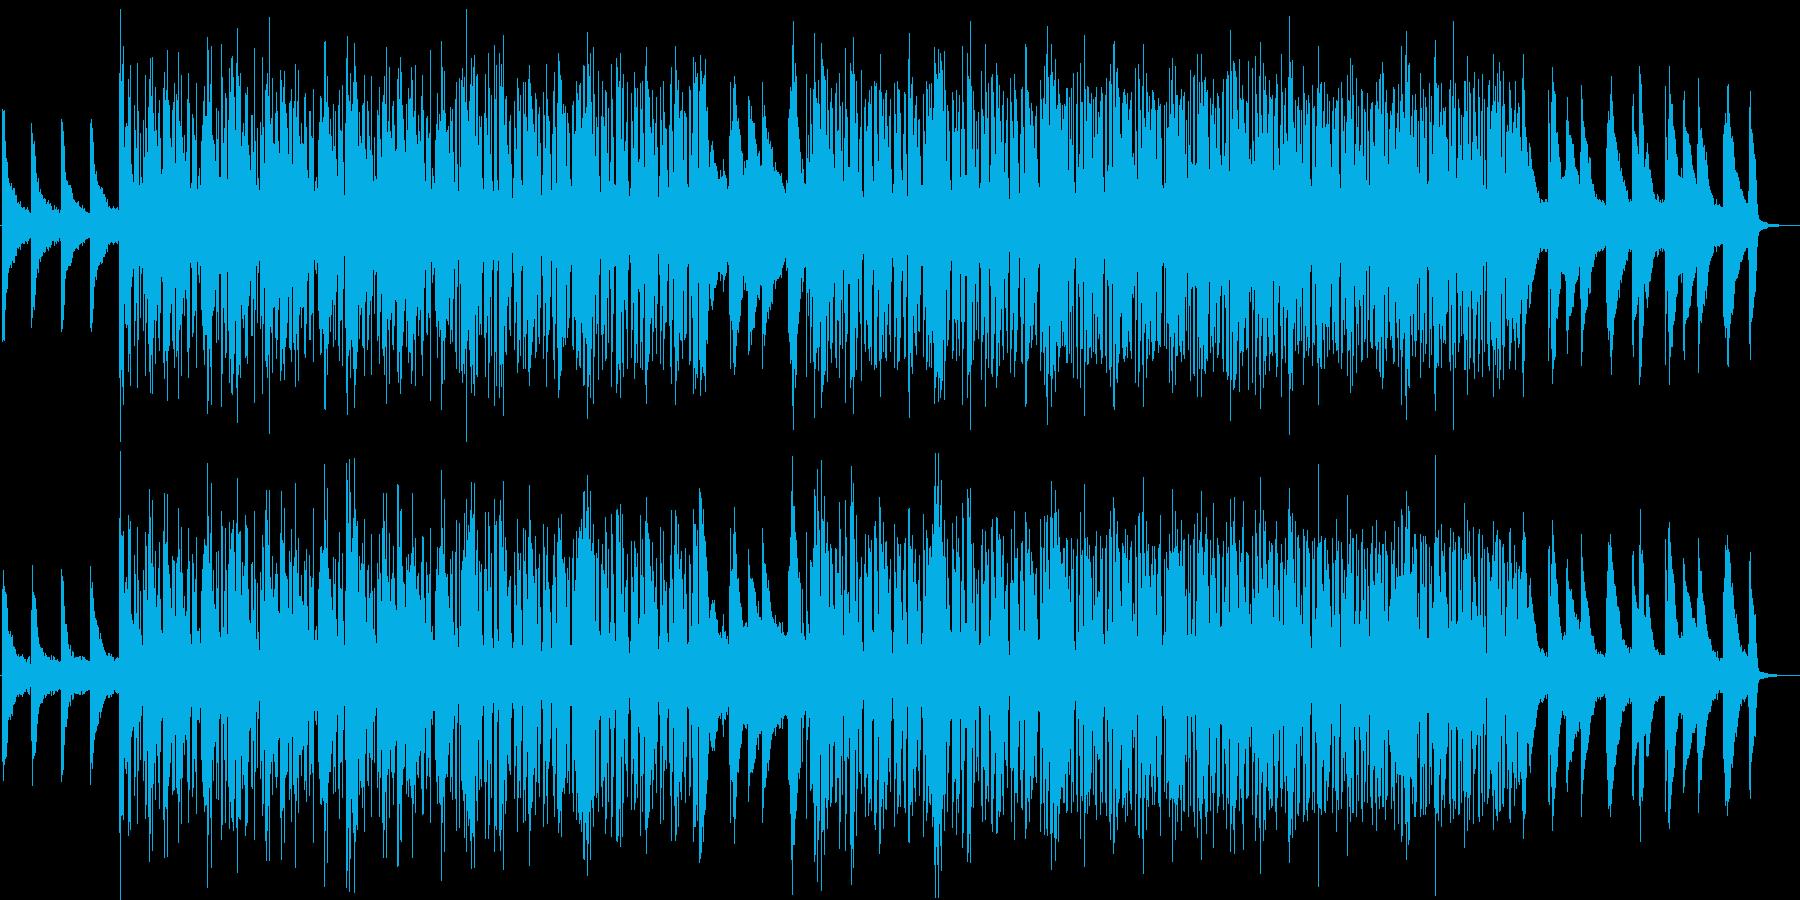 都会的なピアノインストの再生済みの波形